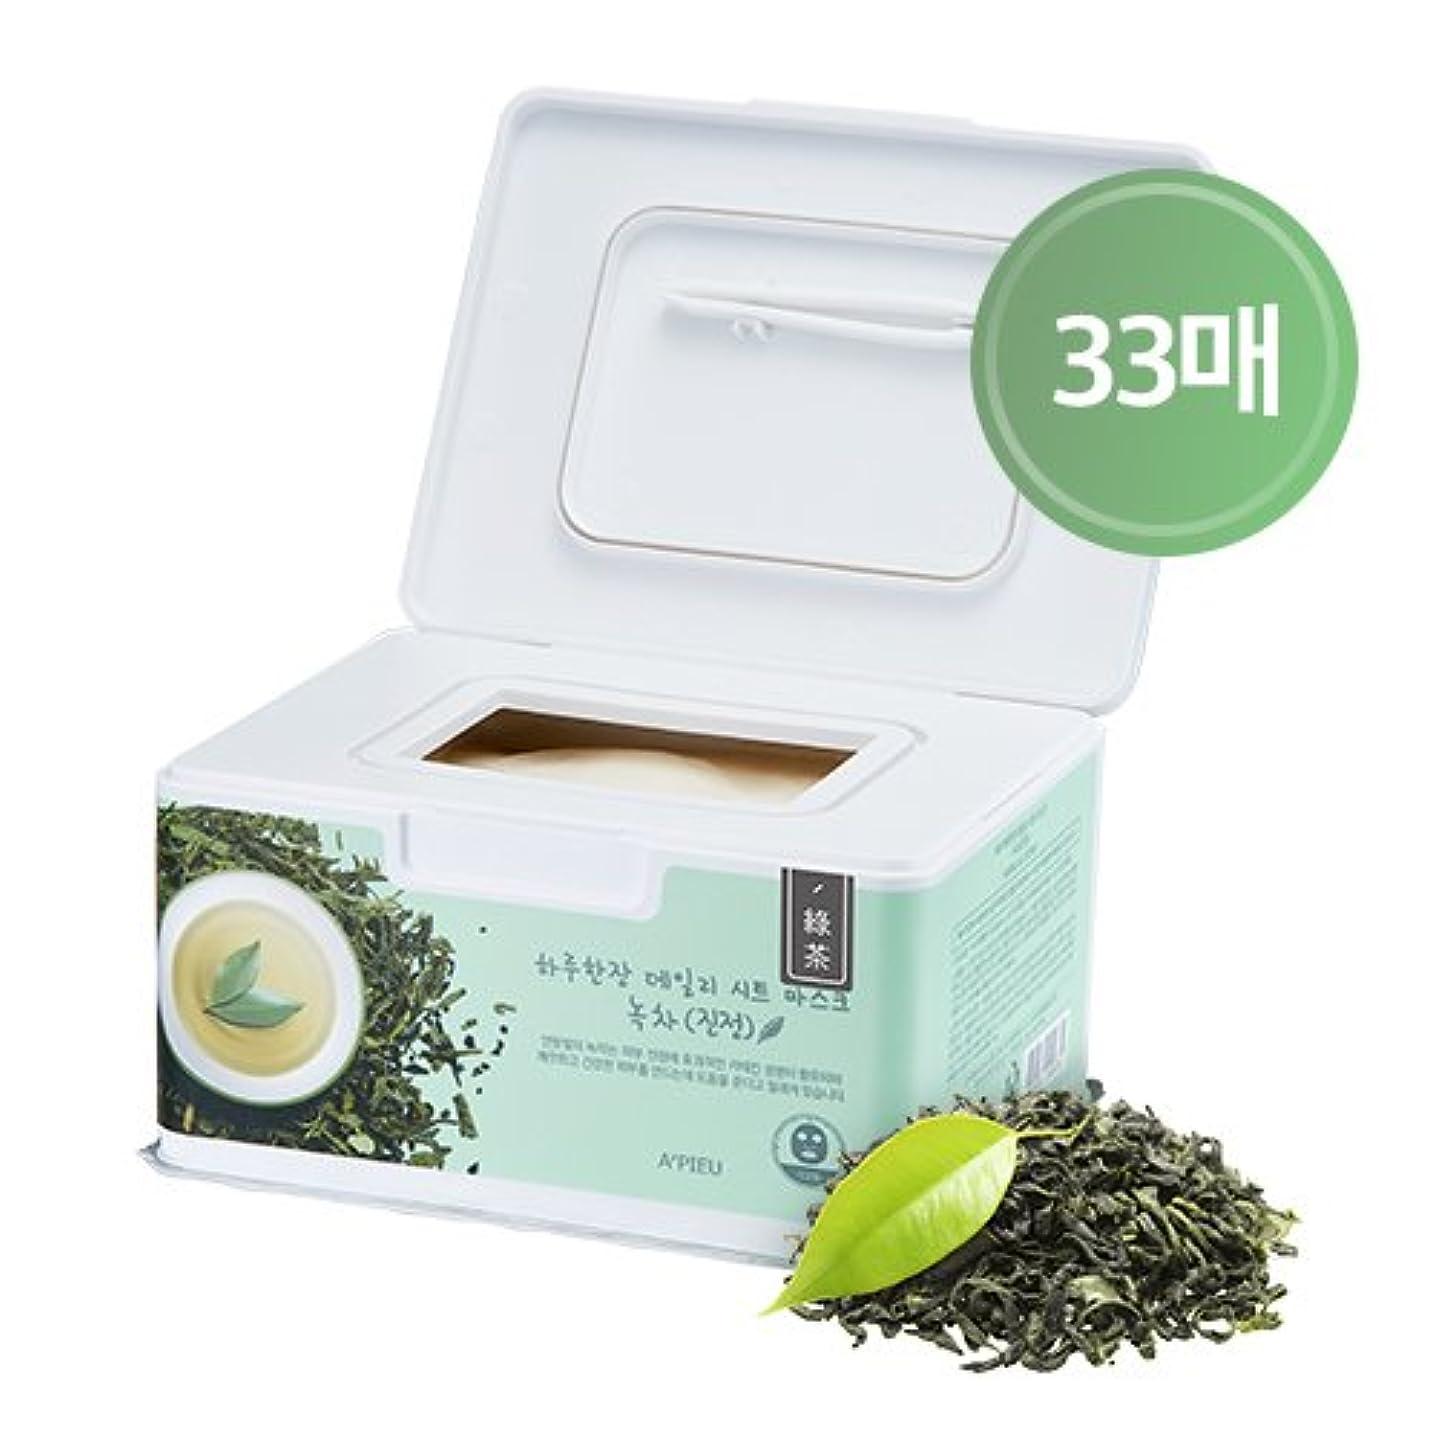 東方謎吸収するAPIEU DAILY Sheet Mask _ Green Tea (Soothing) / [オピュ/アピュ] デイリーシートマスク_緑茶 (スージング) [並行輸入品]